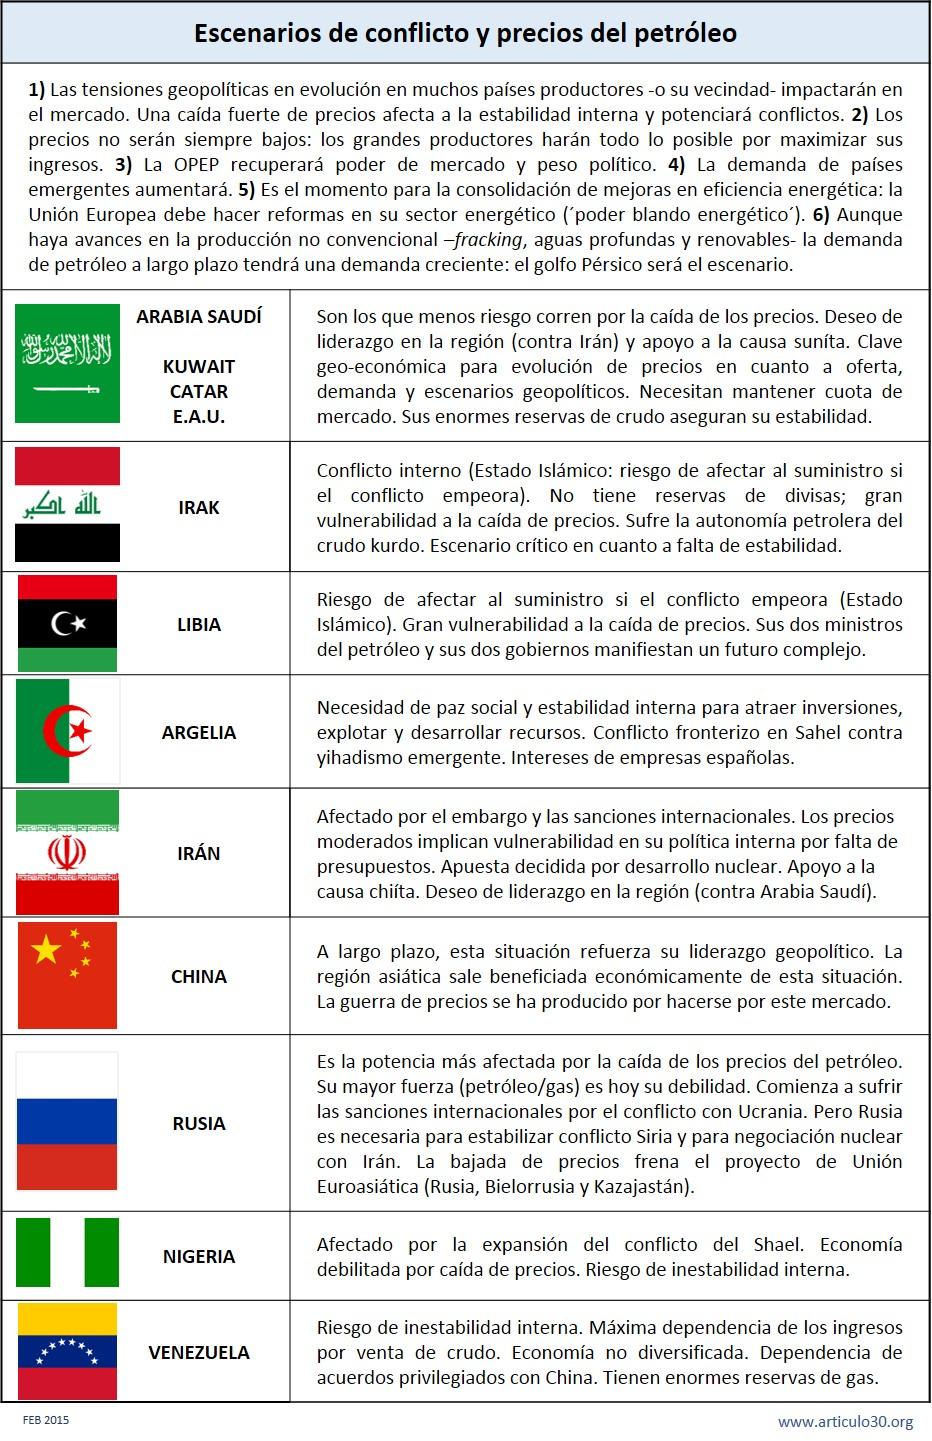 Conflictos_precios petróleo